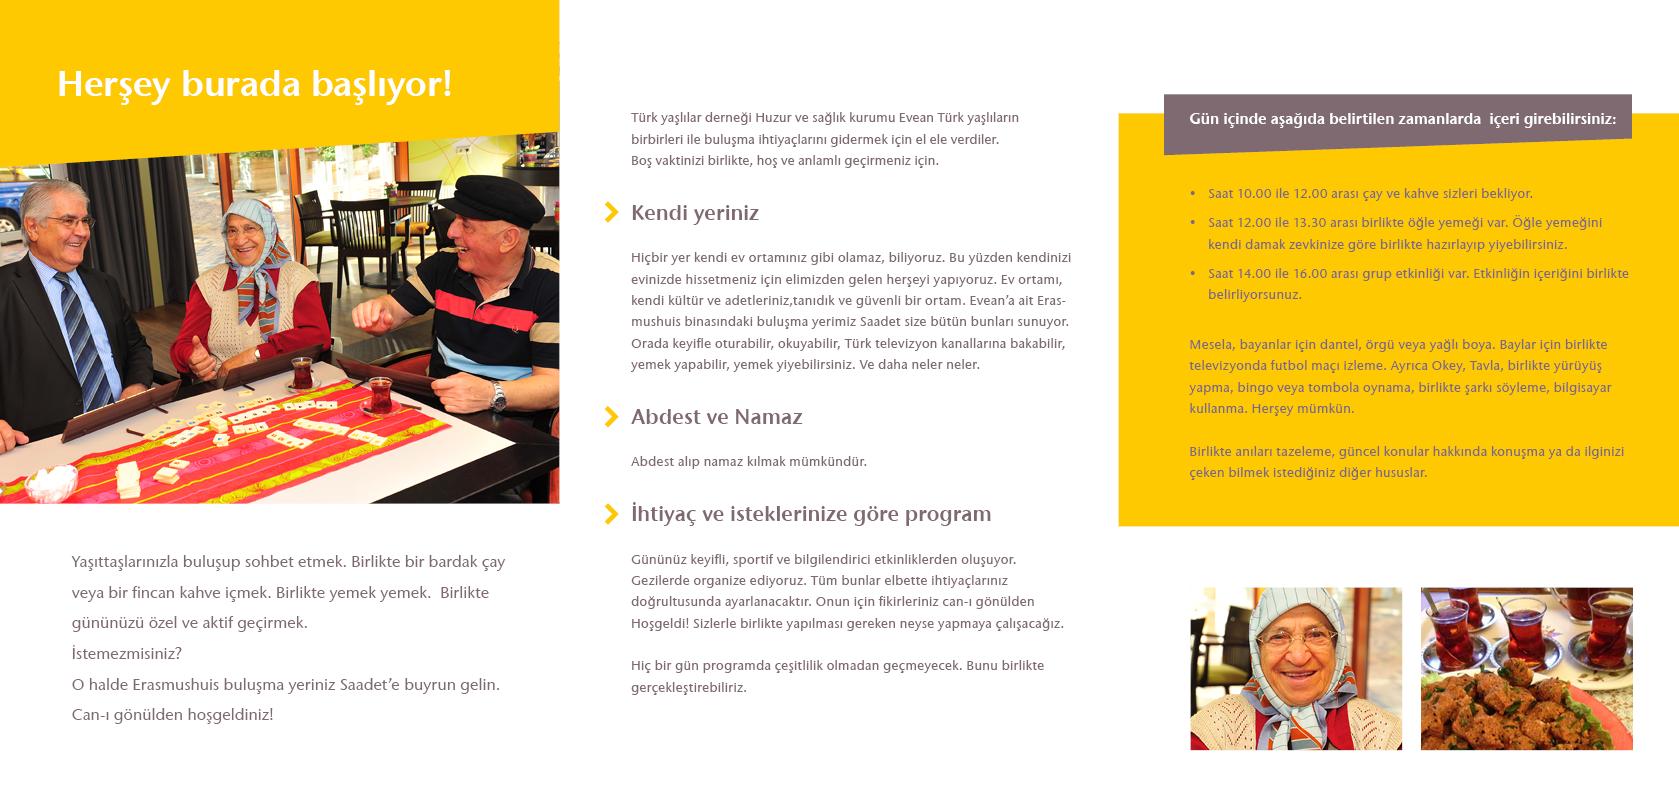 Drieslagfolder-Ontmoetingsproject-Turkse-Ouderen2